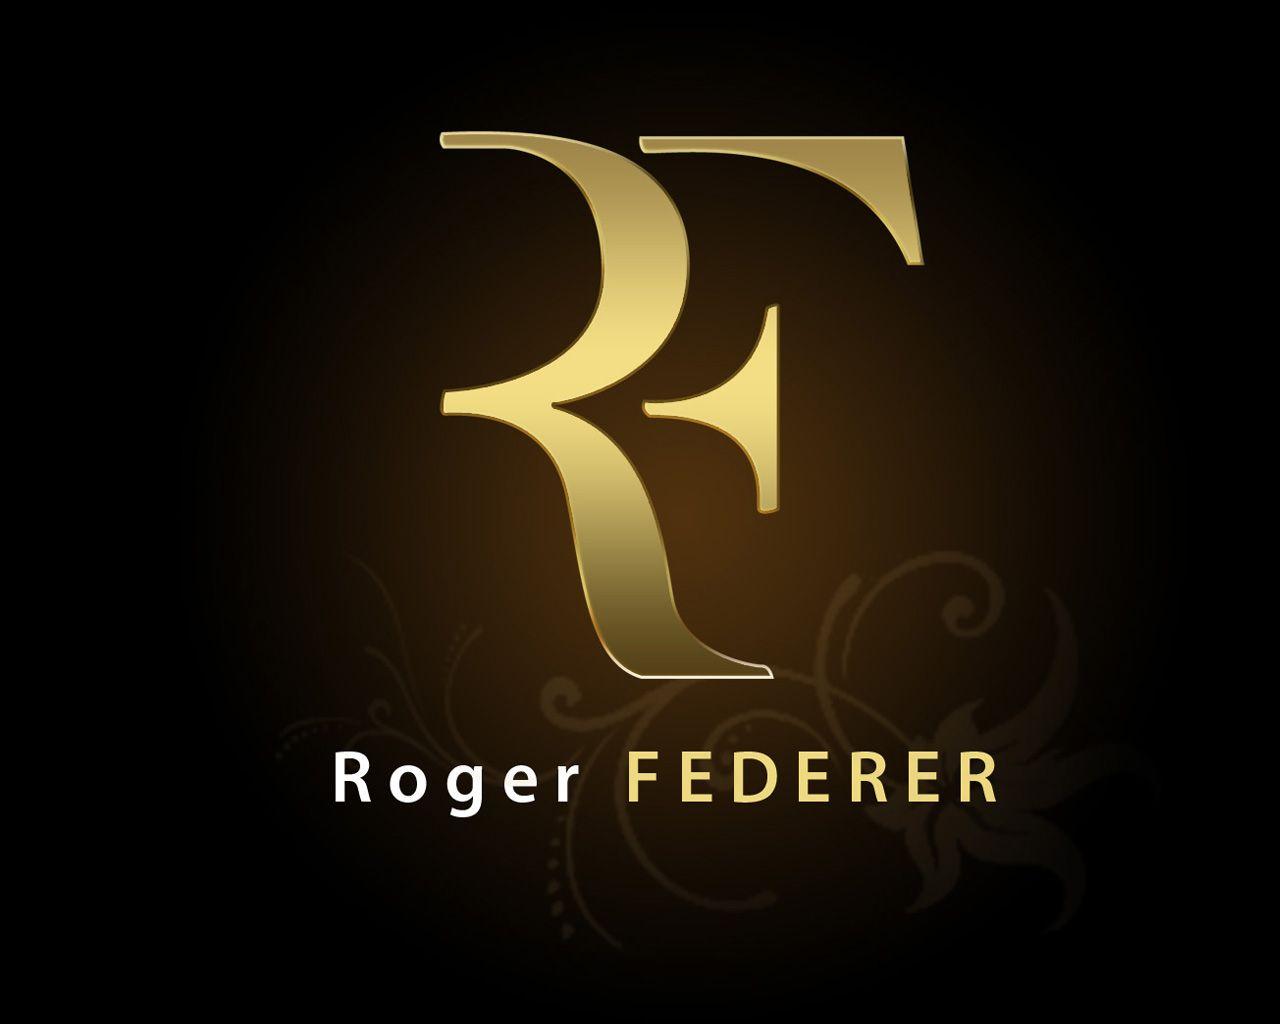 Download Roger Federer Logo Hd Desktop Free High Definition